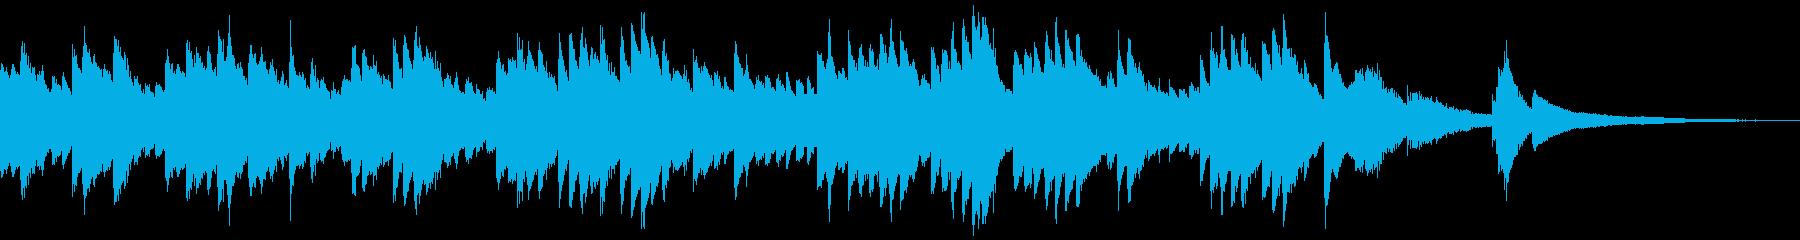 シンプルなピアノのゲームオーバーの再生済みの波形